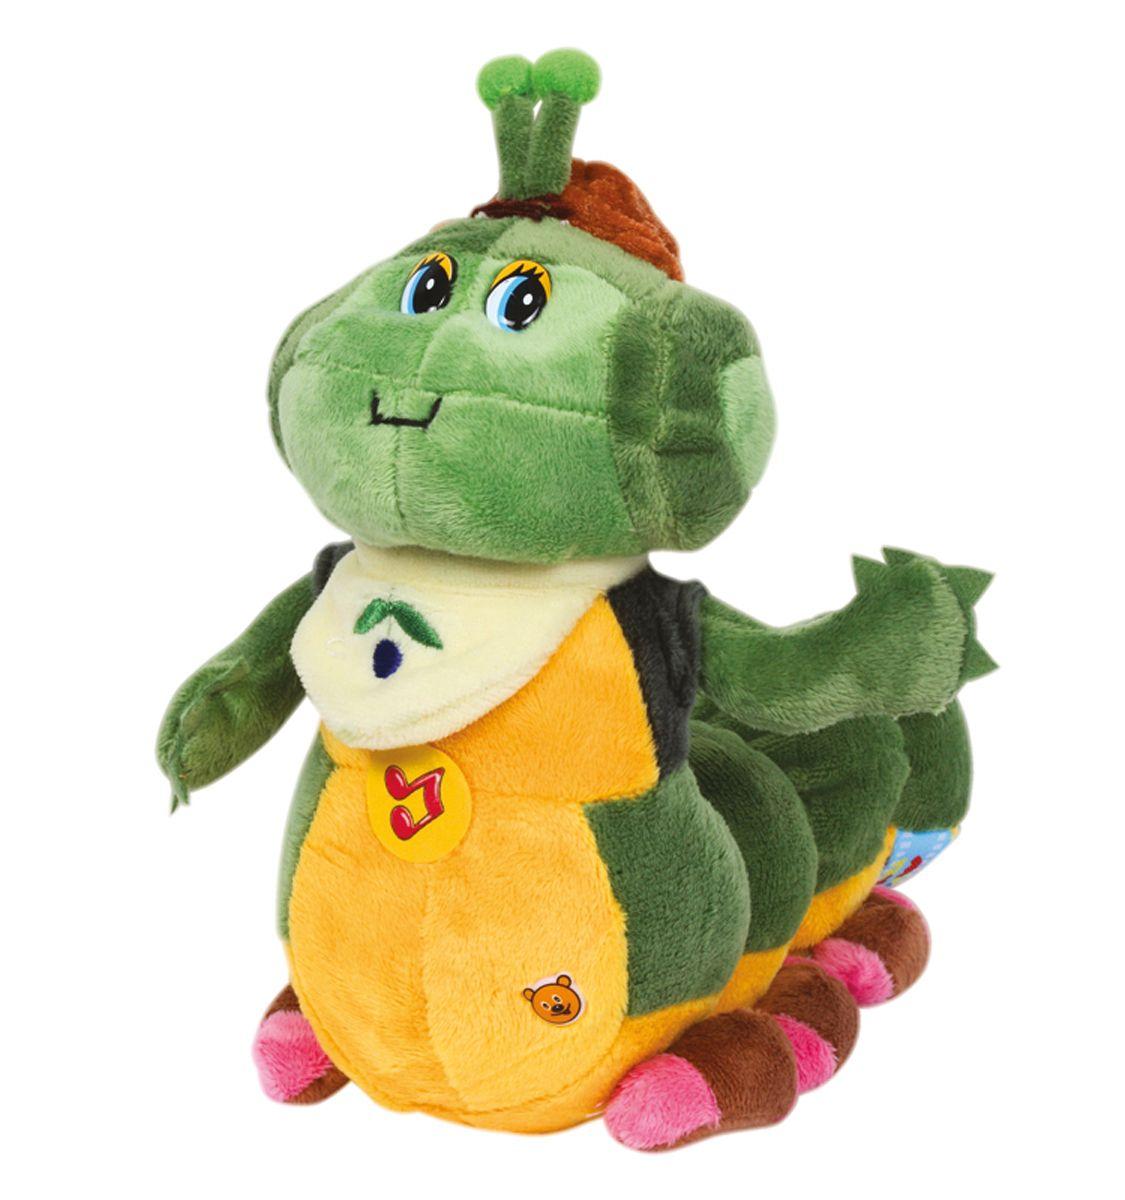 Мульти-Пульти Мягкая игрушка Гусеница прогульщикV37160/25S19Мягкая игрушка сама по себе ассоциируется с радостью и весельем, конечно, и для наших детей такой подарок станет поистине незабываемым. Забавные, добрые мягкие игрушки радуют детей с самого рождения. Ведь уже в первые месяцы жизни ребенок проявляет интерес к плюшевым зверятам и необычным персонажам. Сначала они помогают ему познавать окружающий мир через тактильные ощущения, знакомят его с животным миром нашей планеты, формируют цветовосприятие и способствуют концентрации внимания.